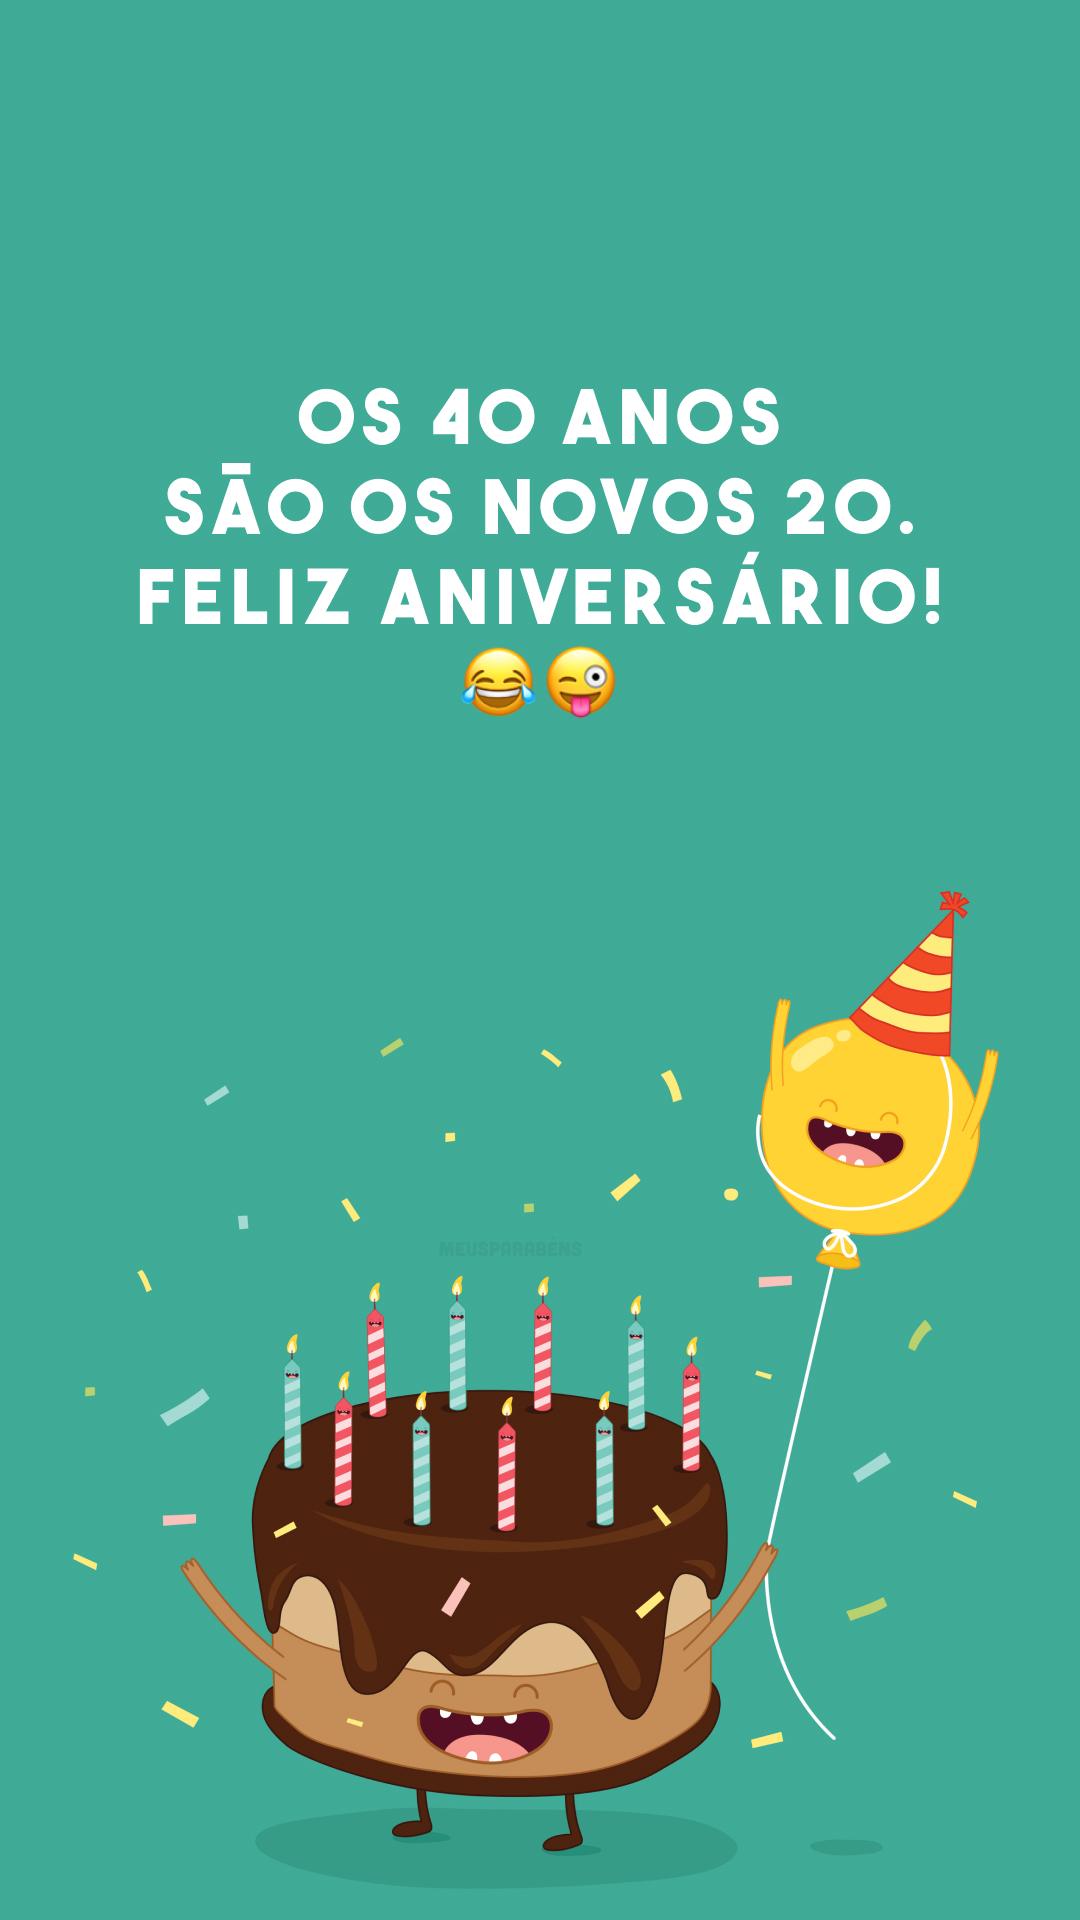 Os 40 anos são os novos 20. Feliz aniversário! 😂😜